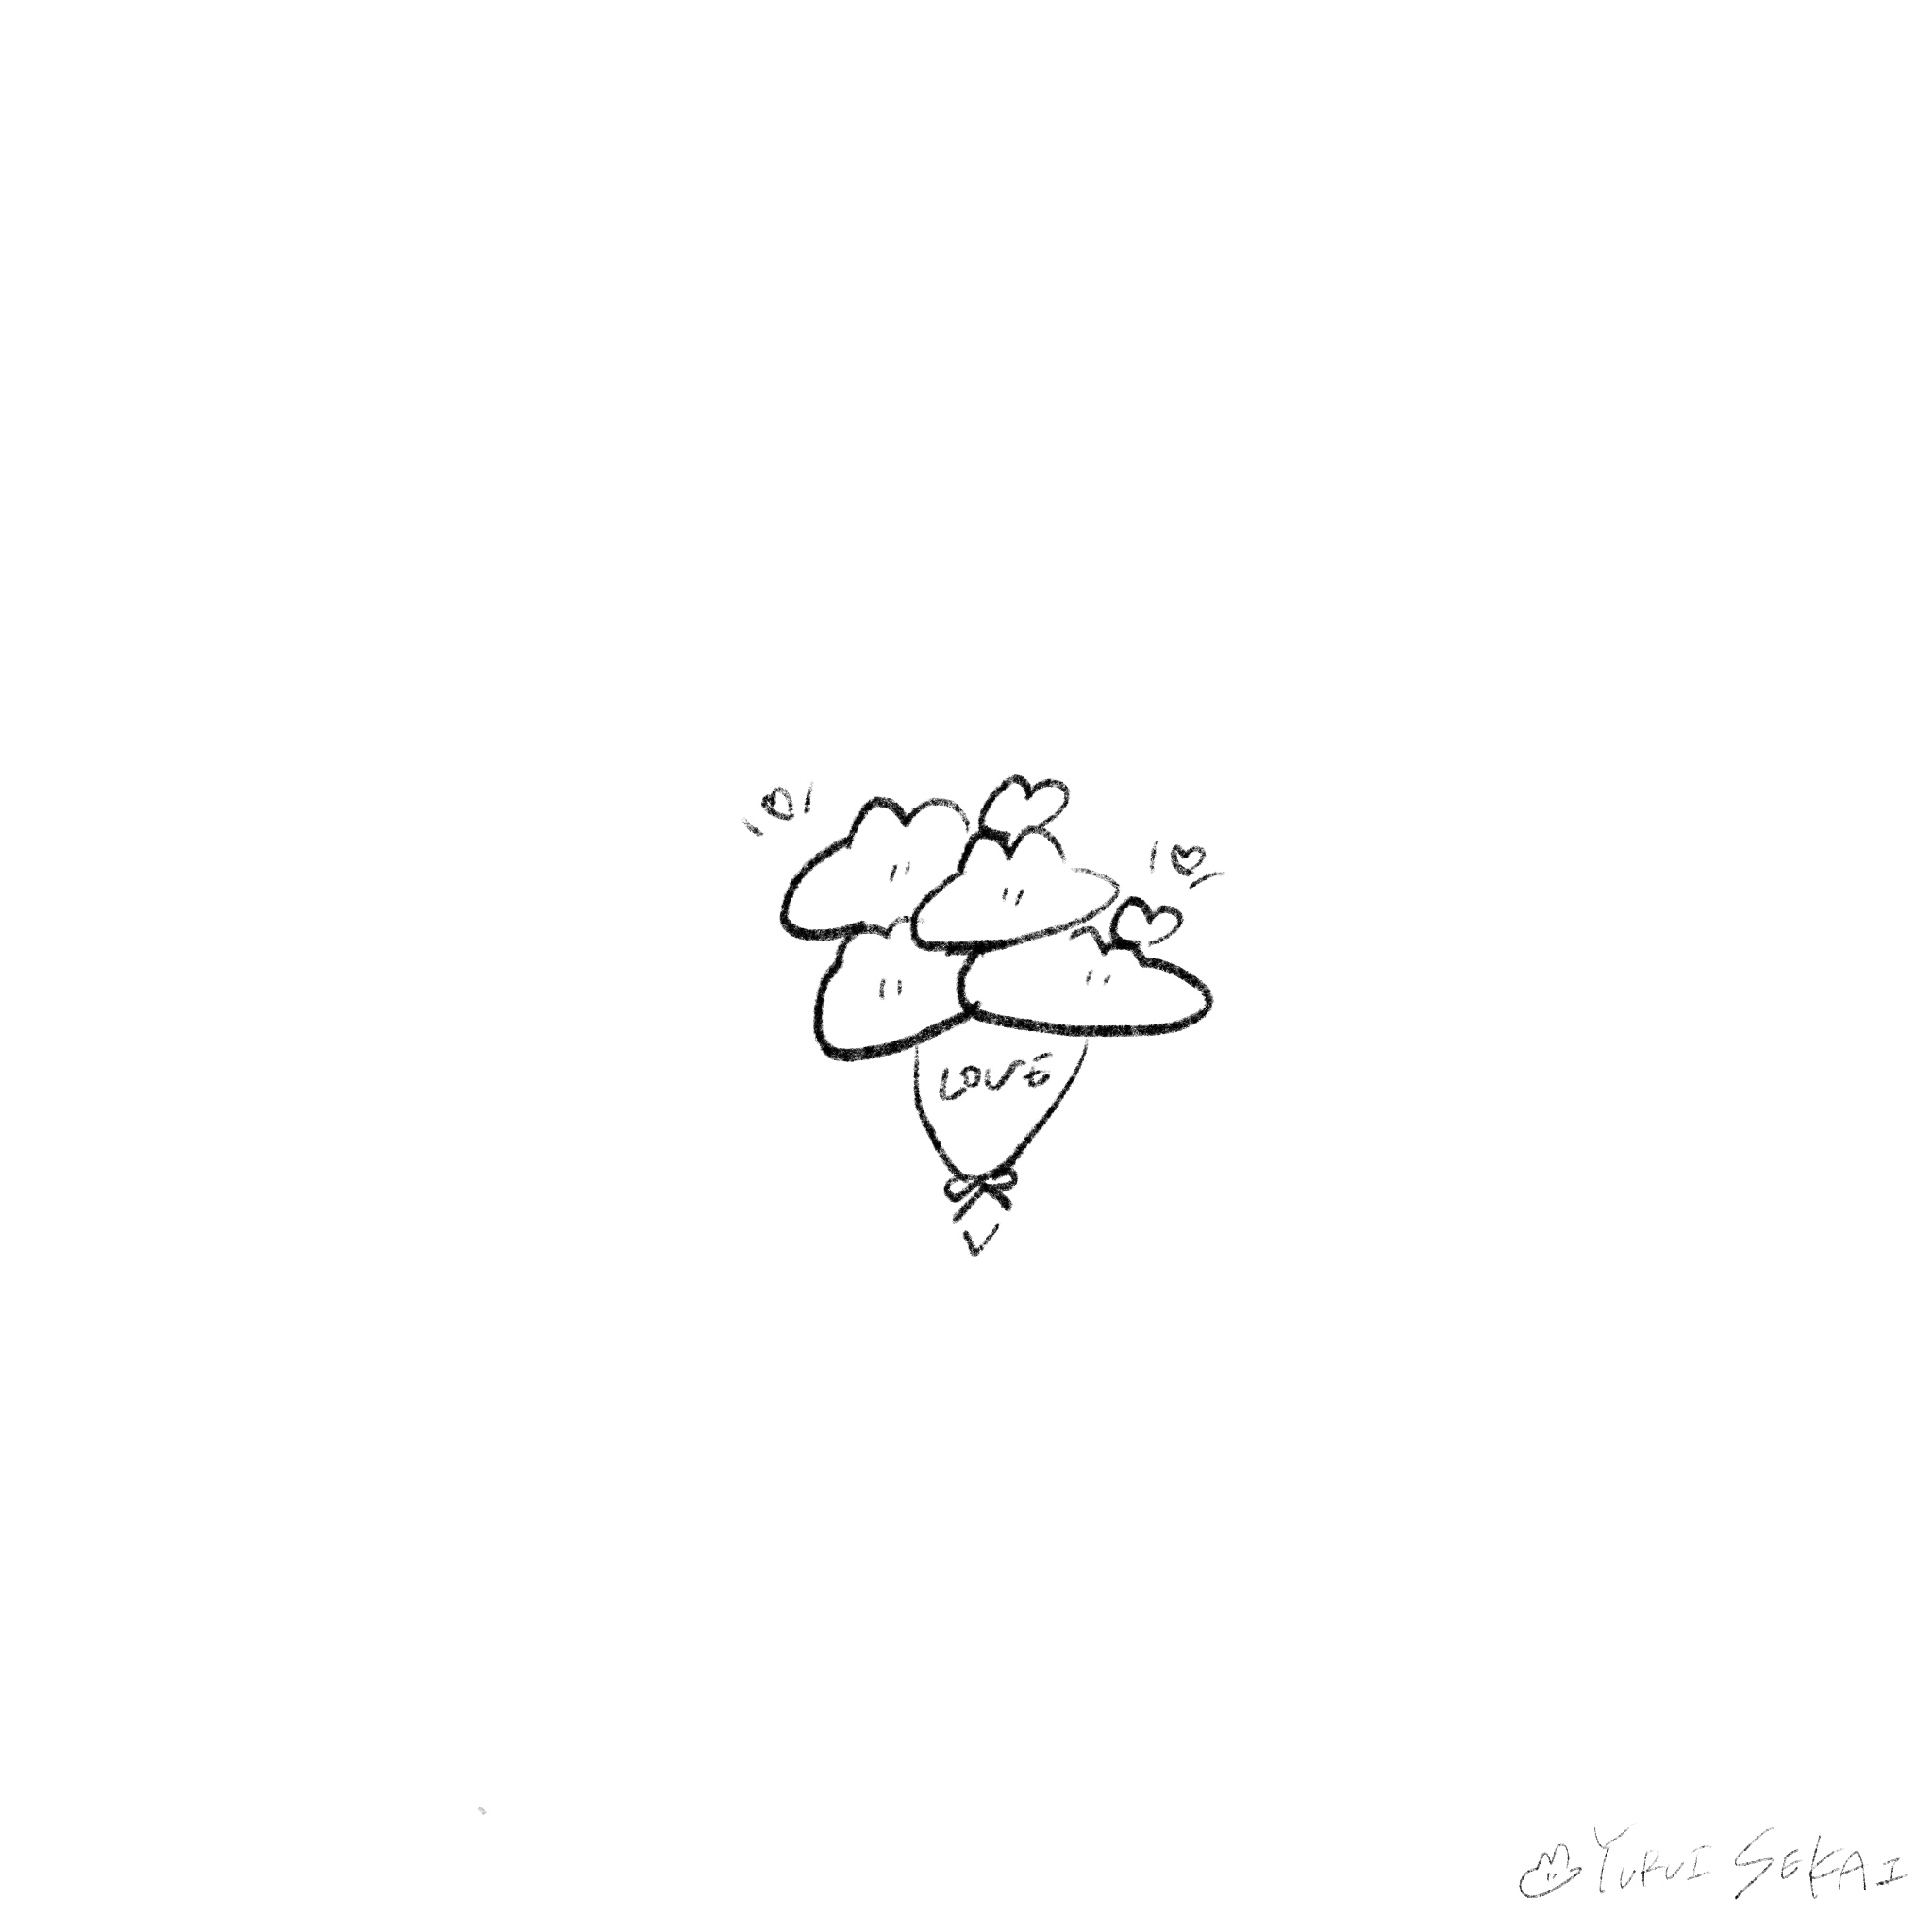 【フリー素材】ゆるいせかいのちいさなイラストをまとめました【ゆるいイラスト】うさぎ 花束